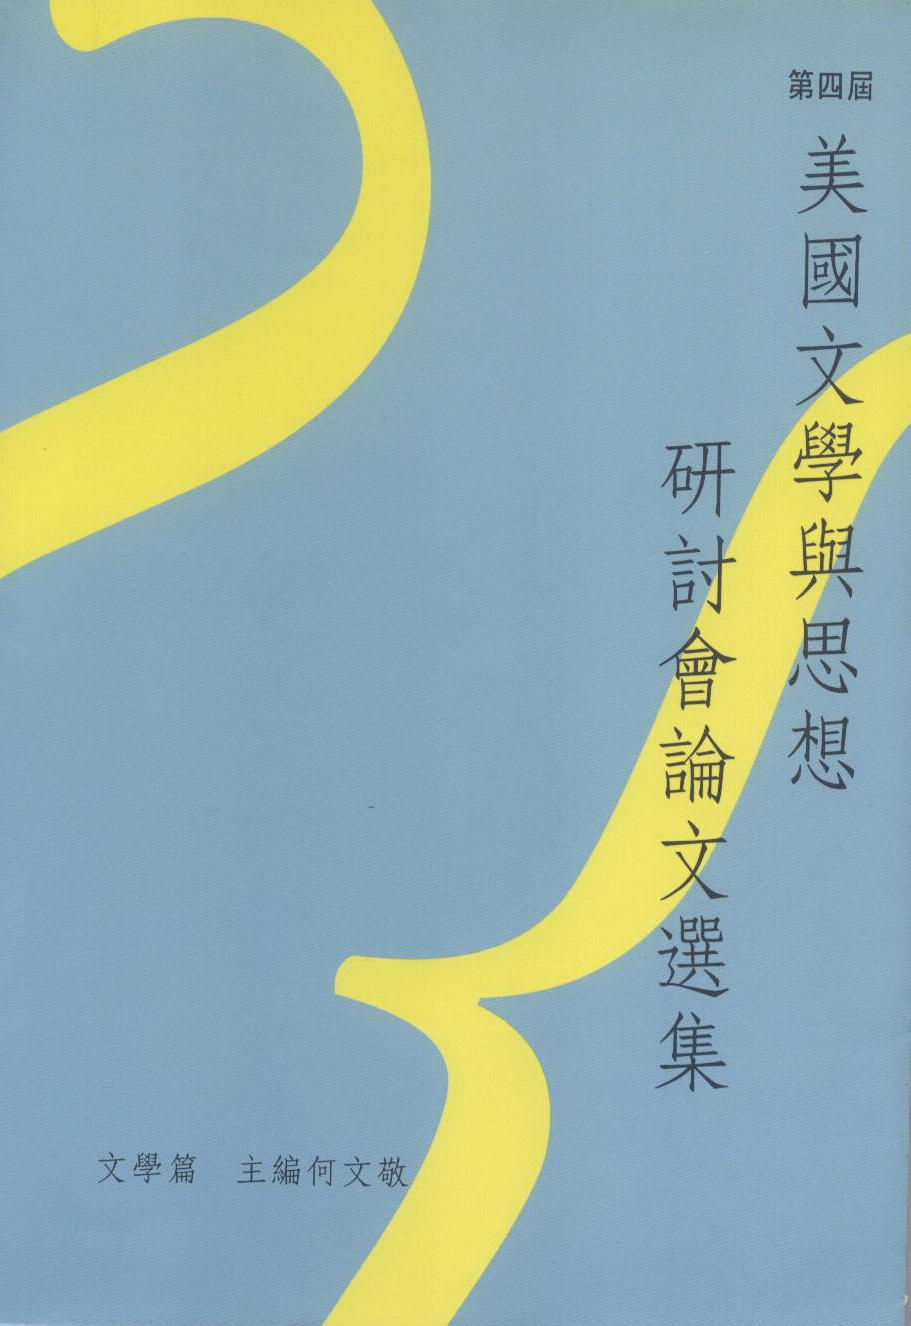 第四屆美國文學與思想研討會論文選集:文學篇 Sino-American Relations, 2004-2008